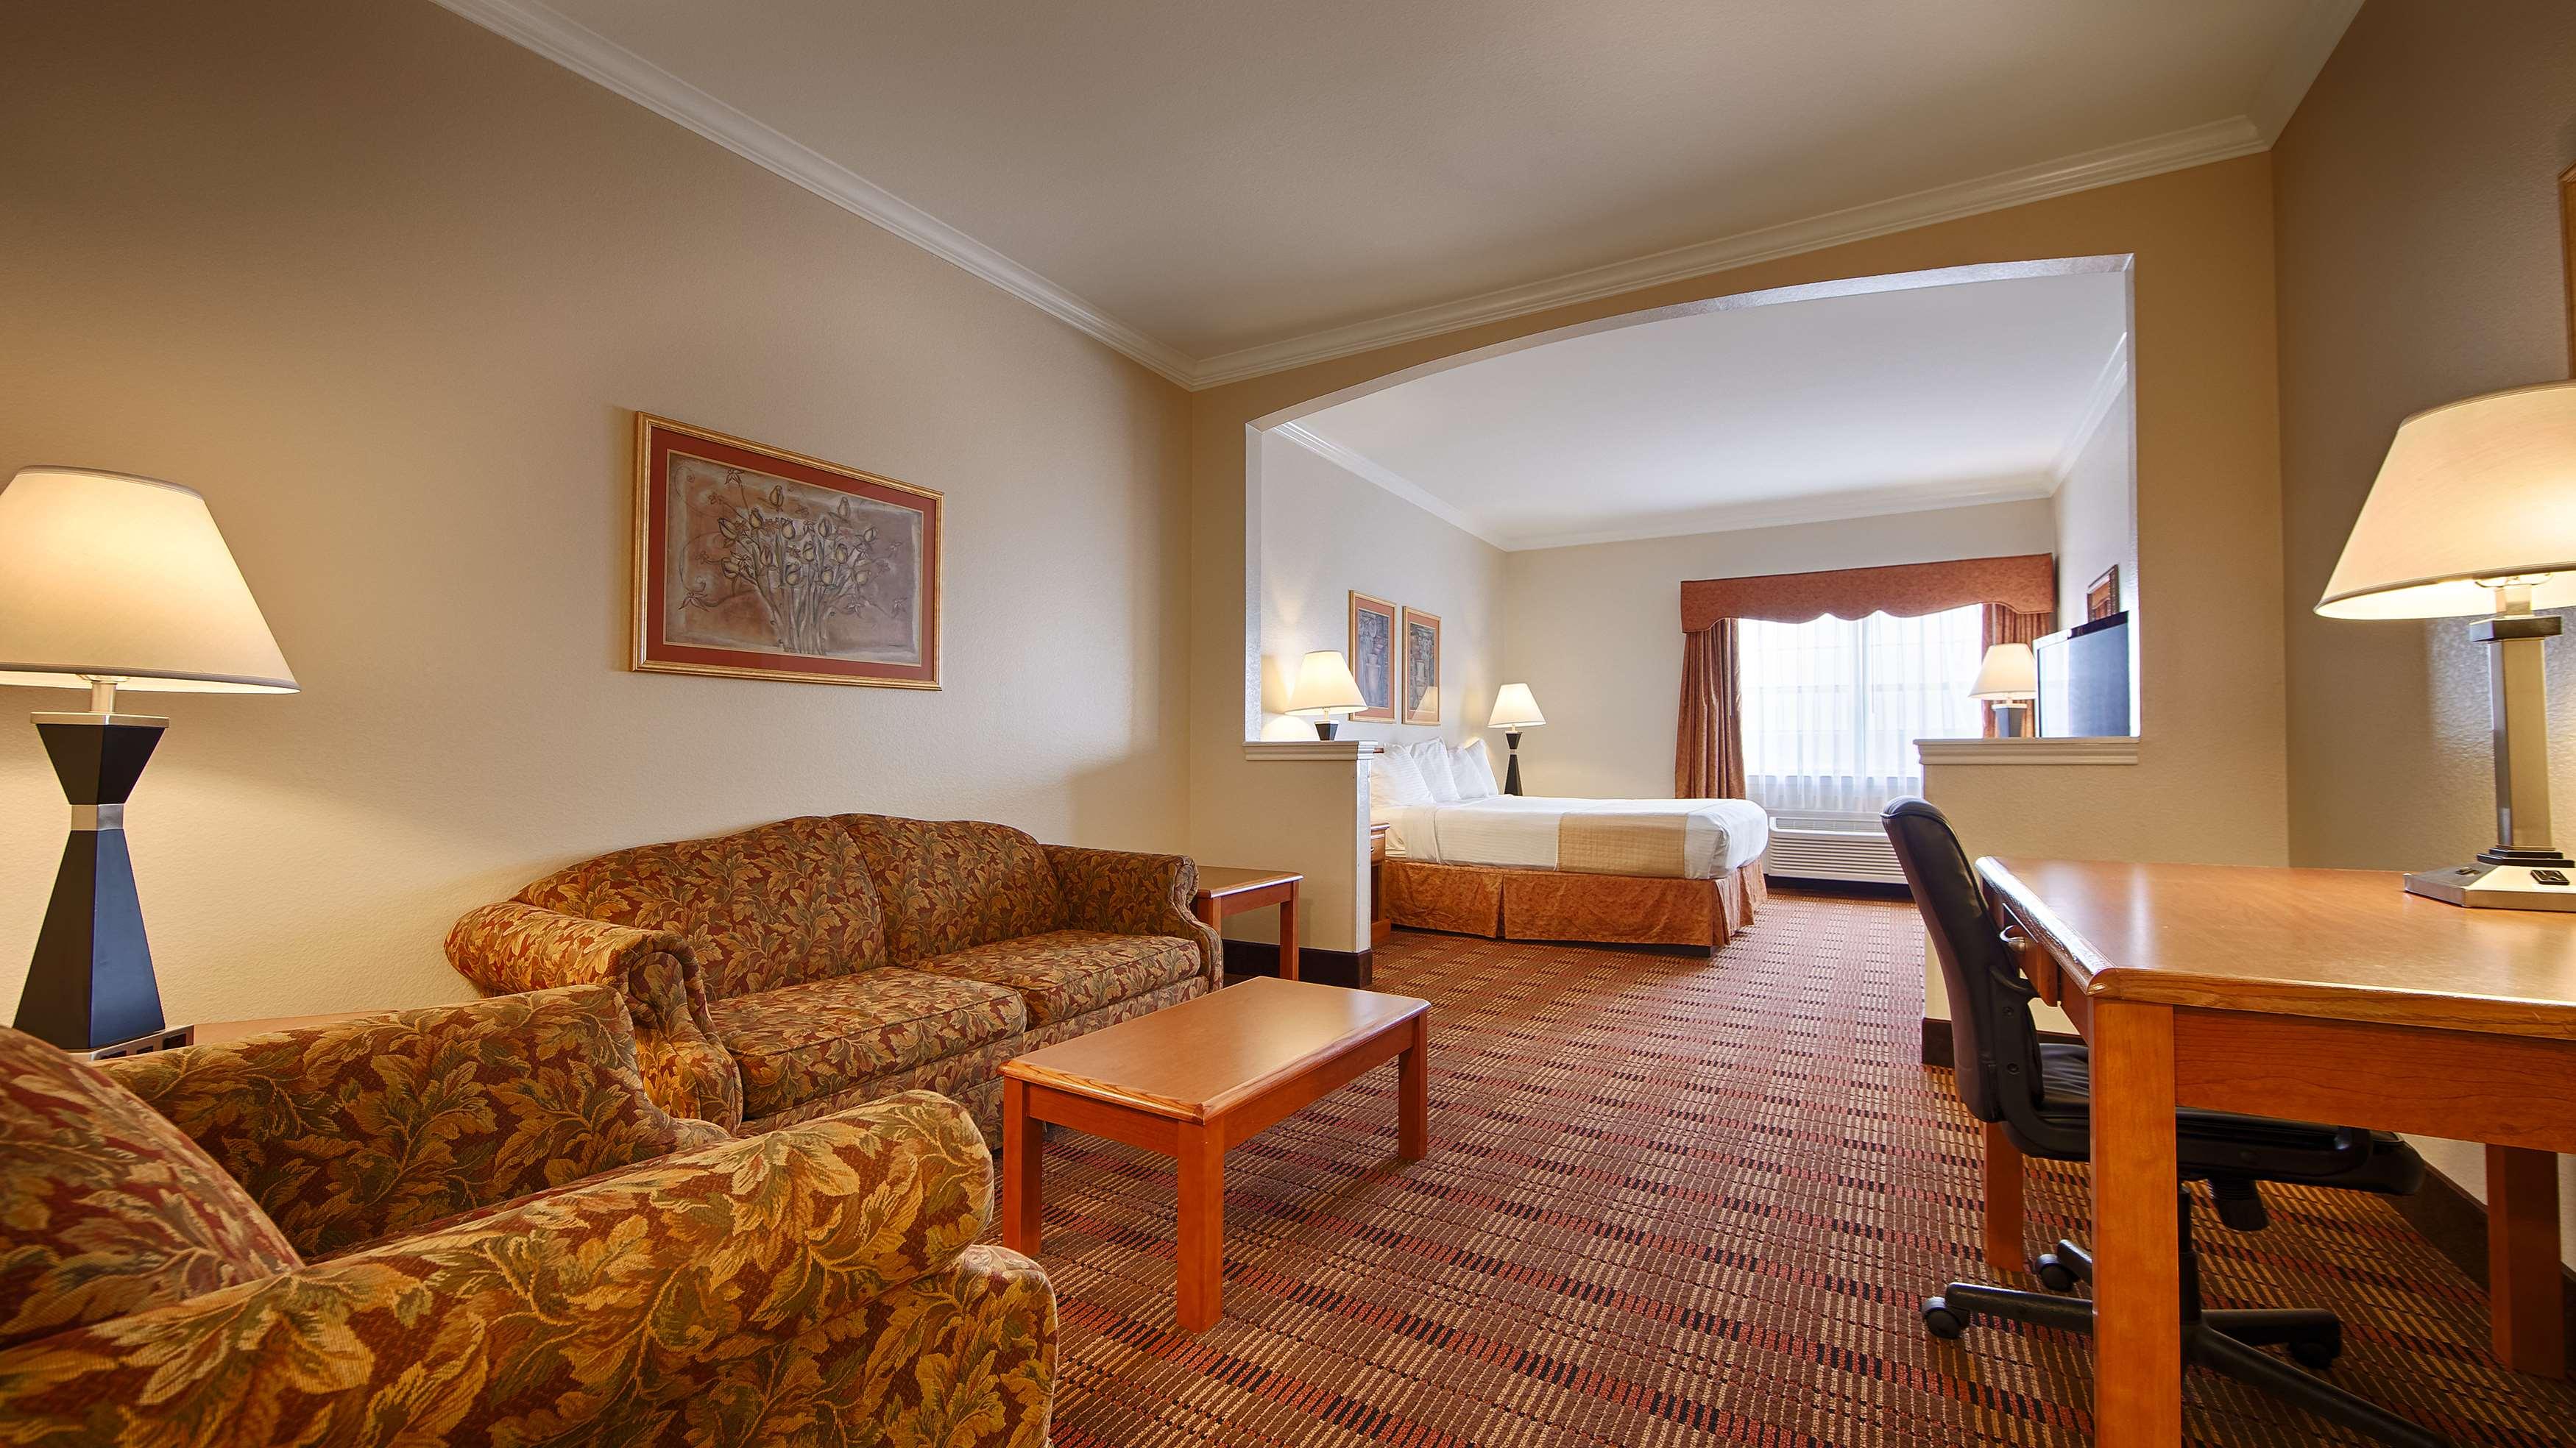 Best Western Club House Inn & Suites image 2